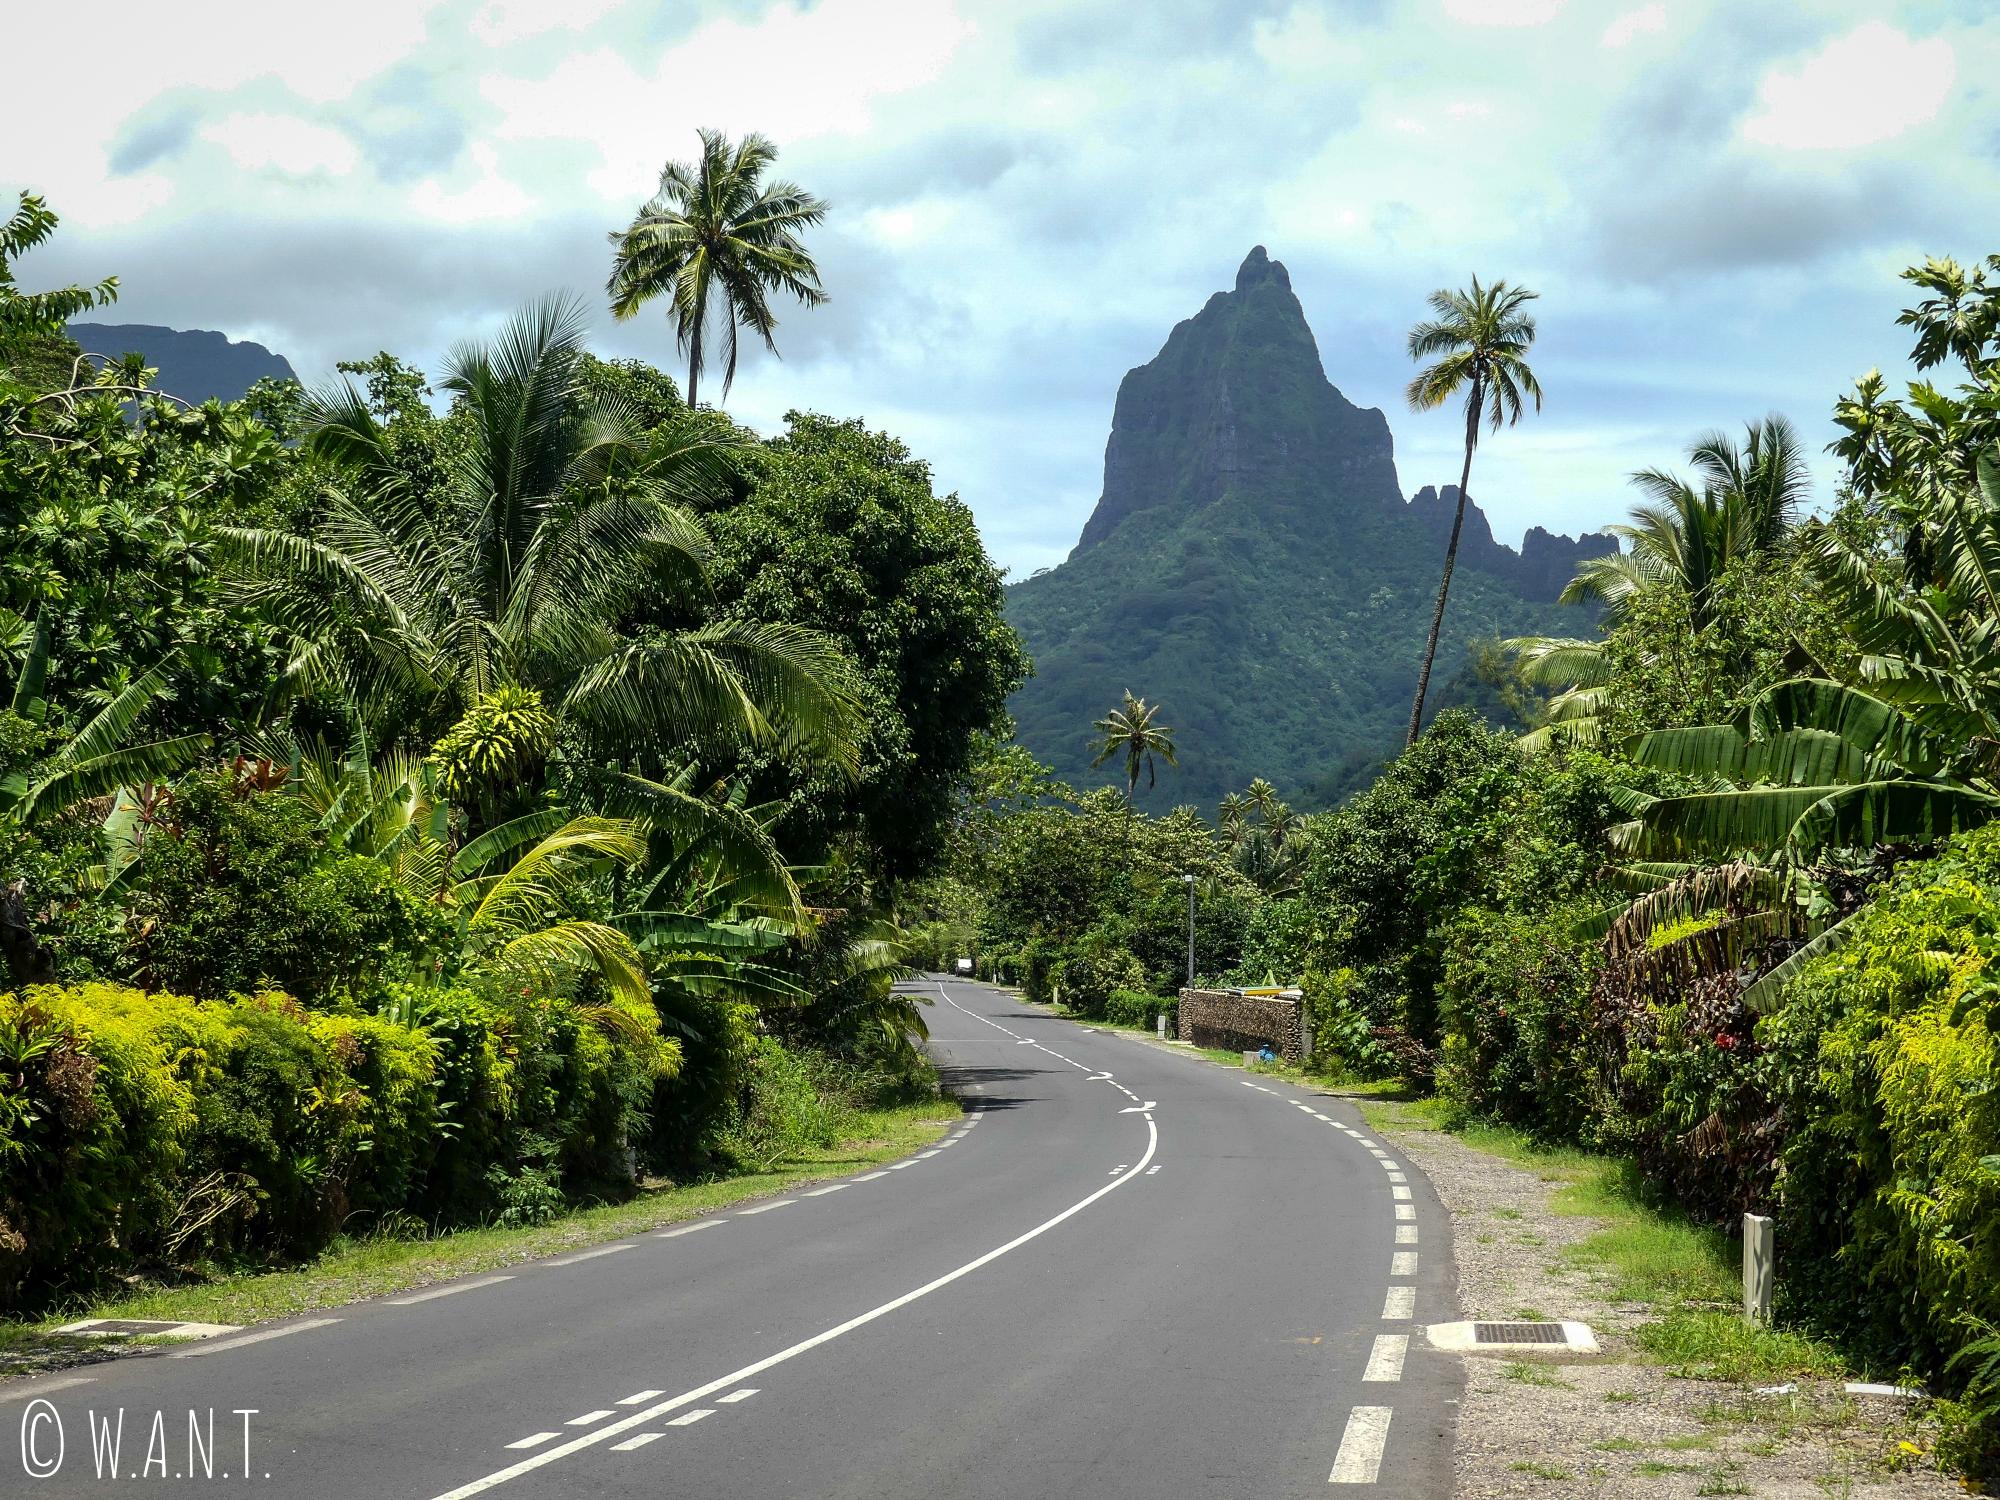 La route jouxte les pitons rocheux sur l'île de Moorea